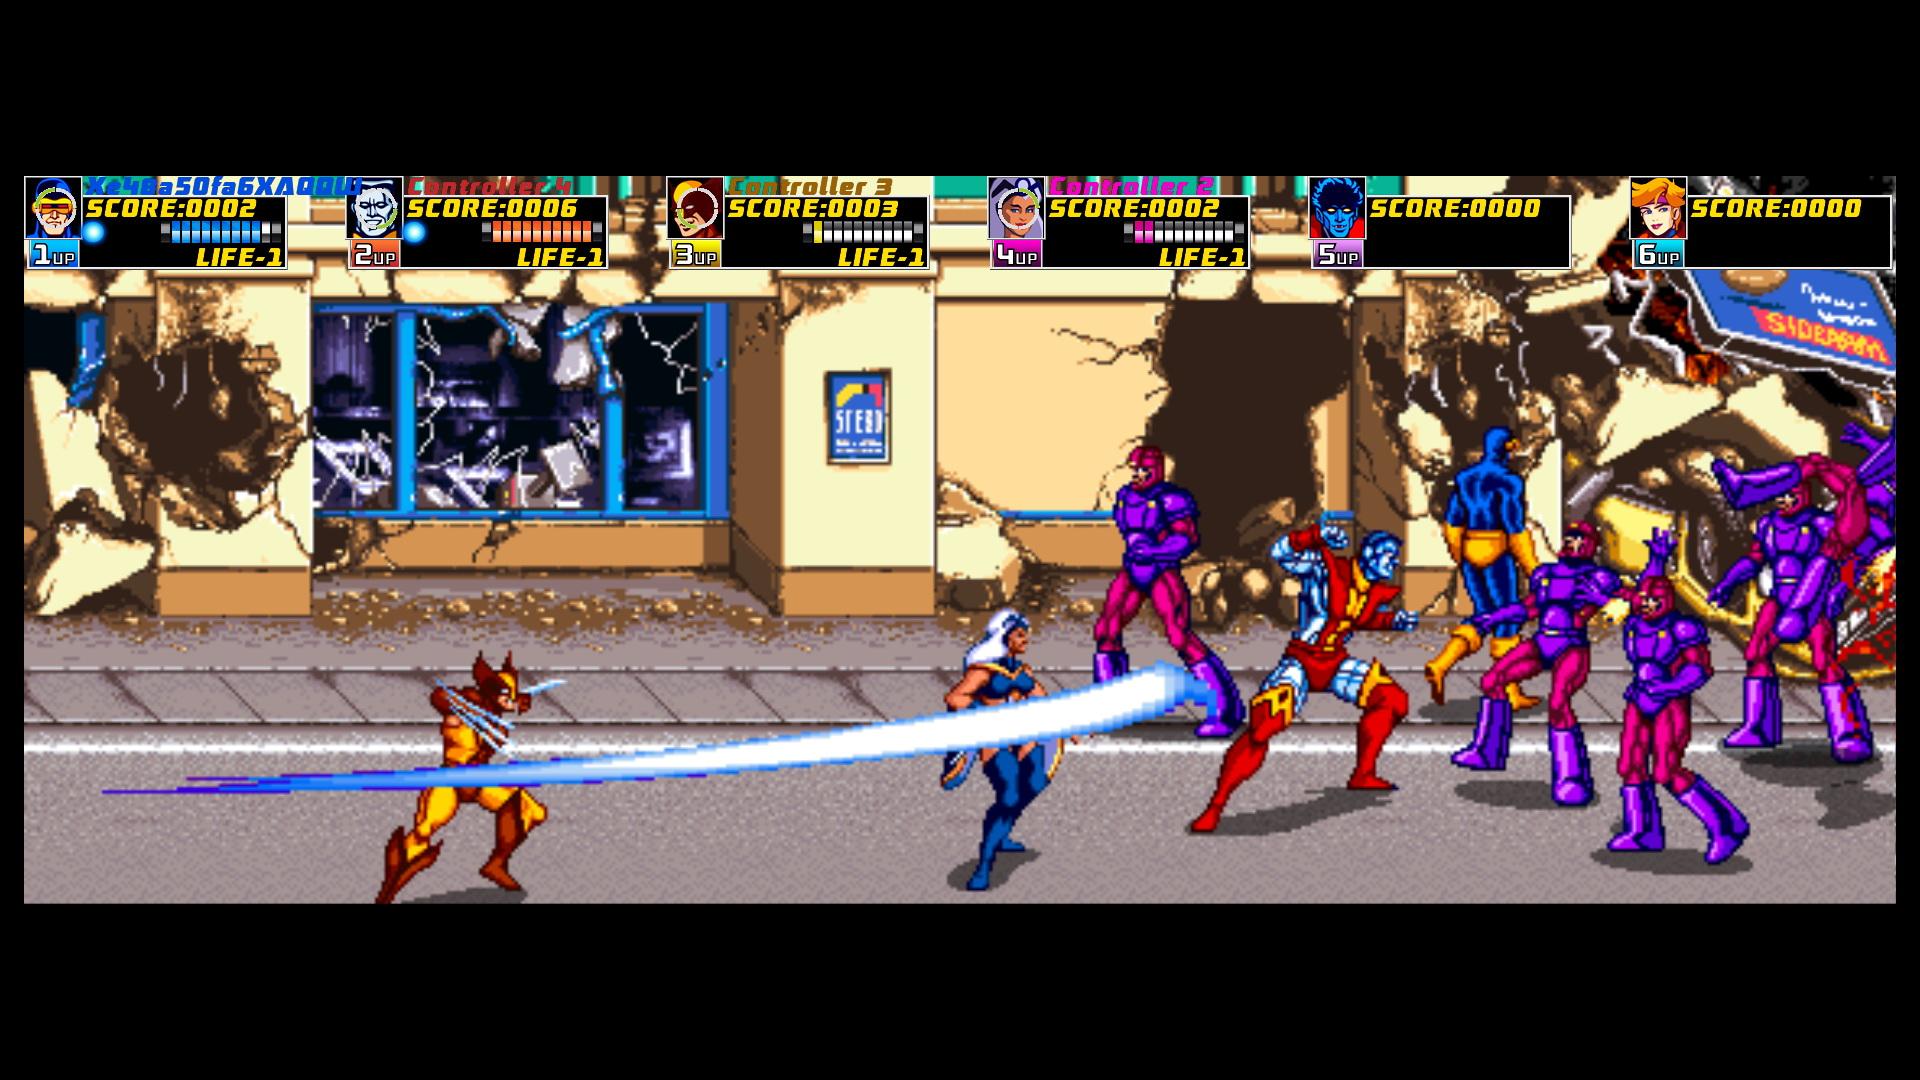 Xmen Arcade 2